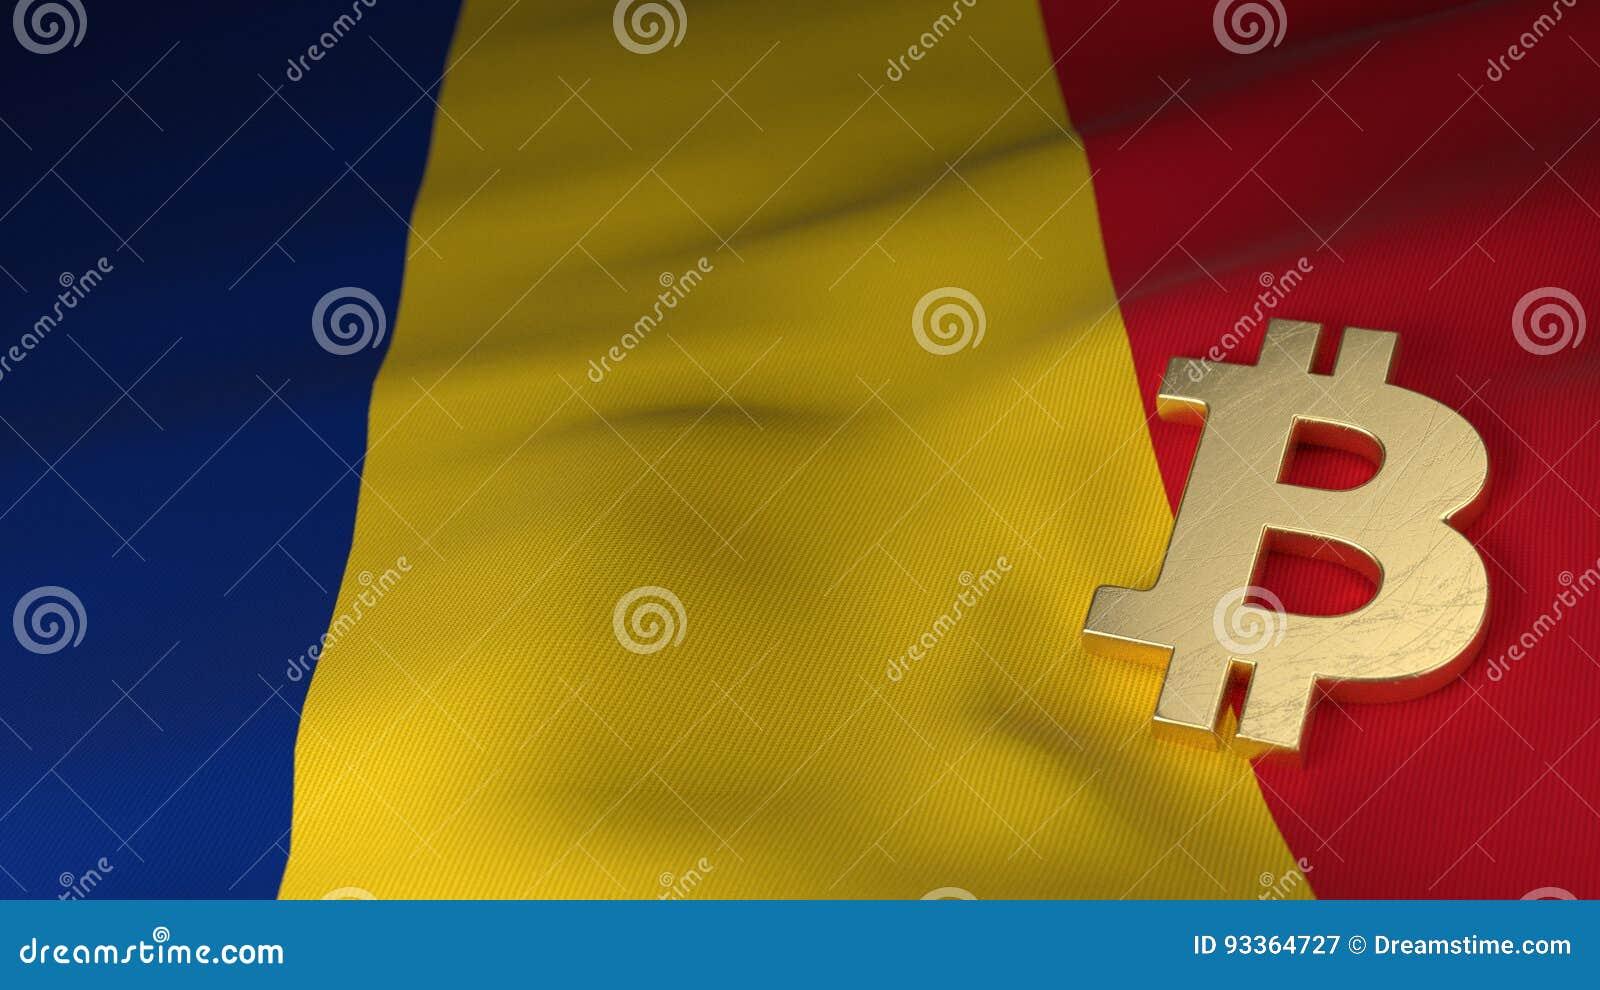 Bitcoin-Währungszeichen auf Flagge von Rumänien